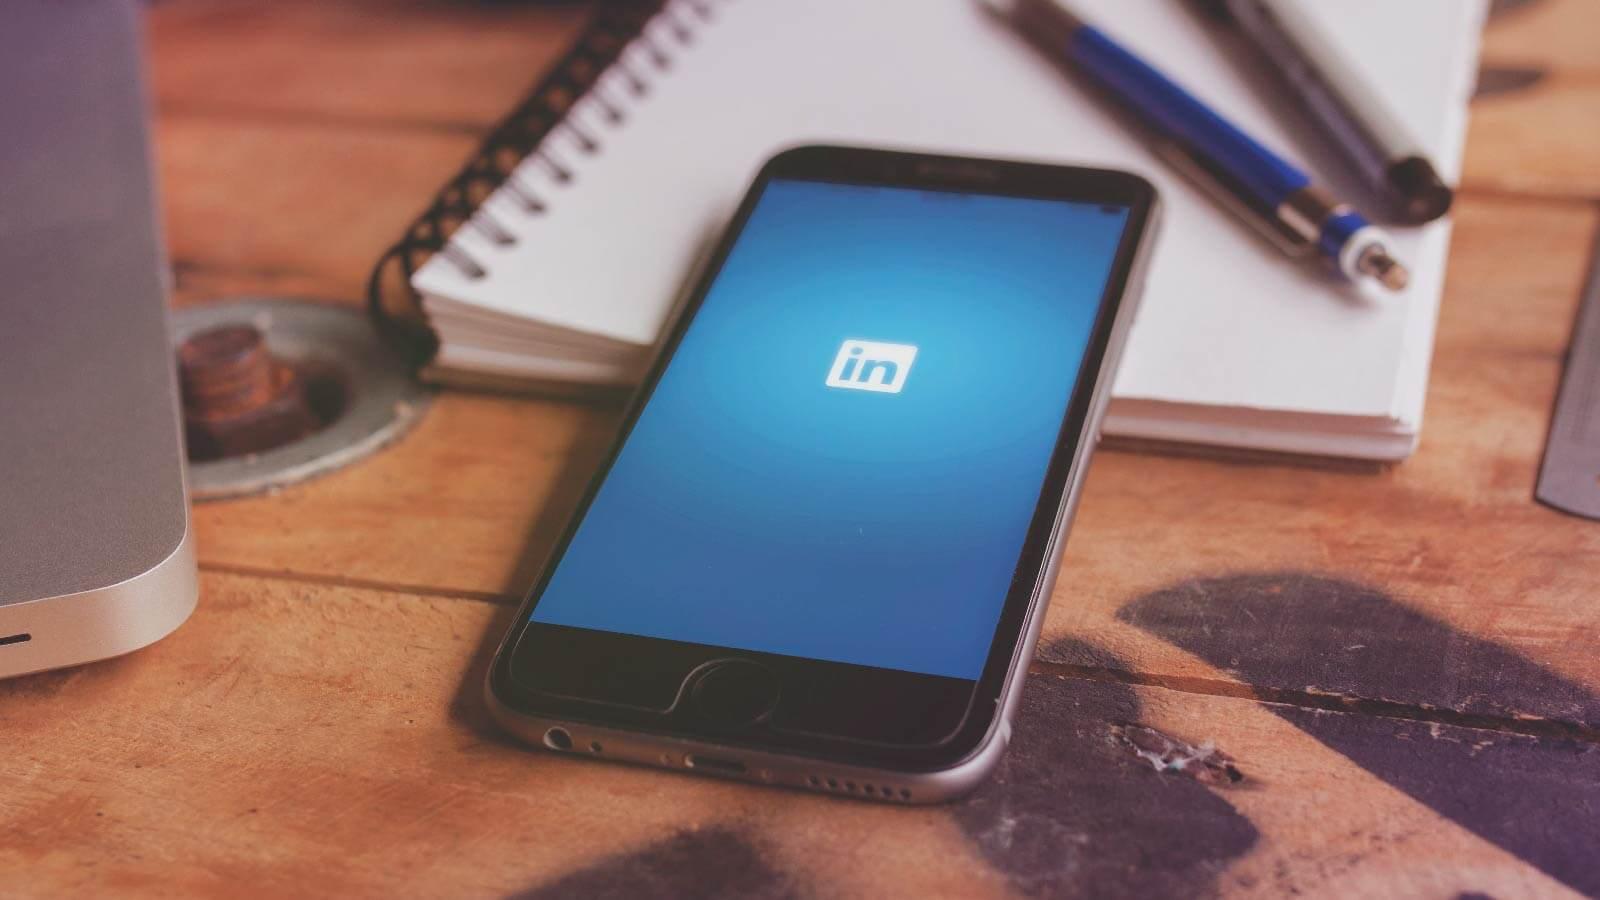 How To Create A Custom LinkedIn URL In 3 Easy Steps